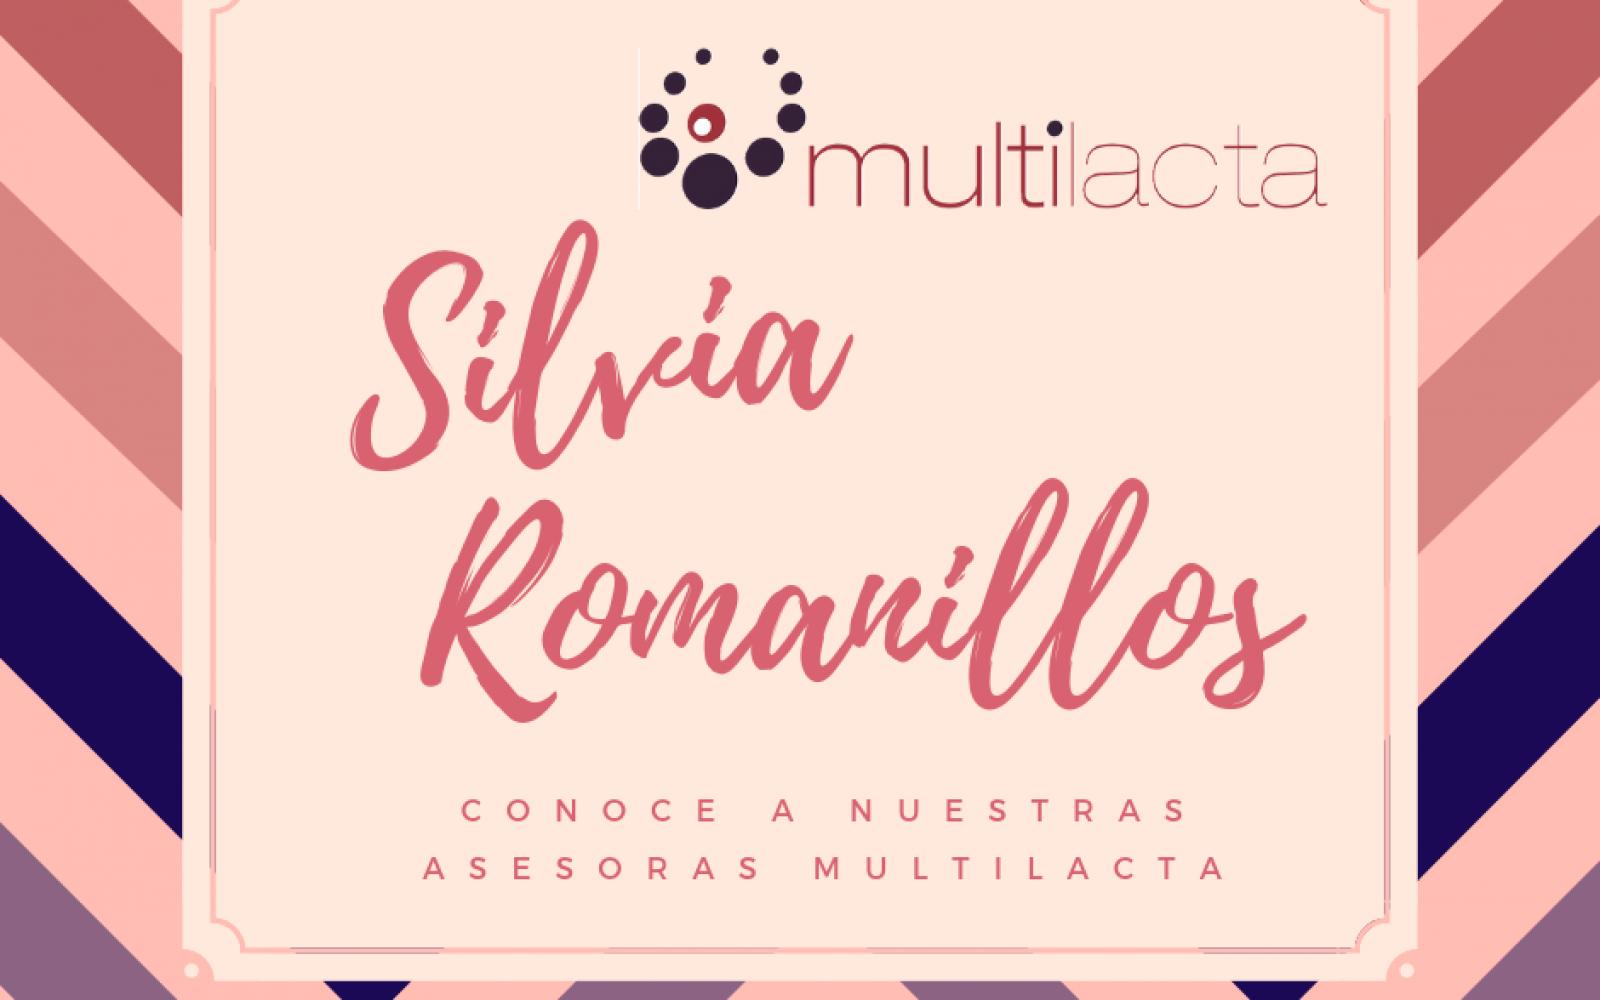 Silvia Romanillos: conoce a nuestras asesoras Multilacta